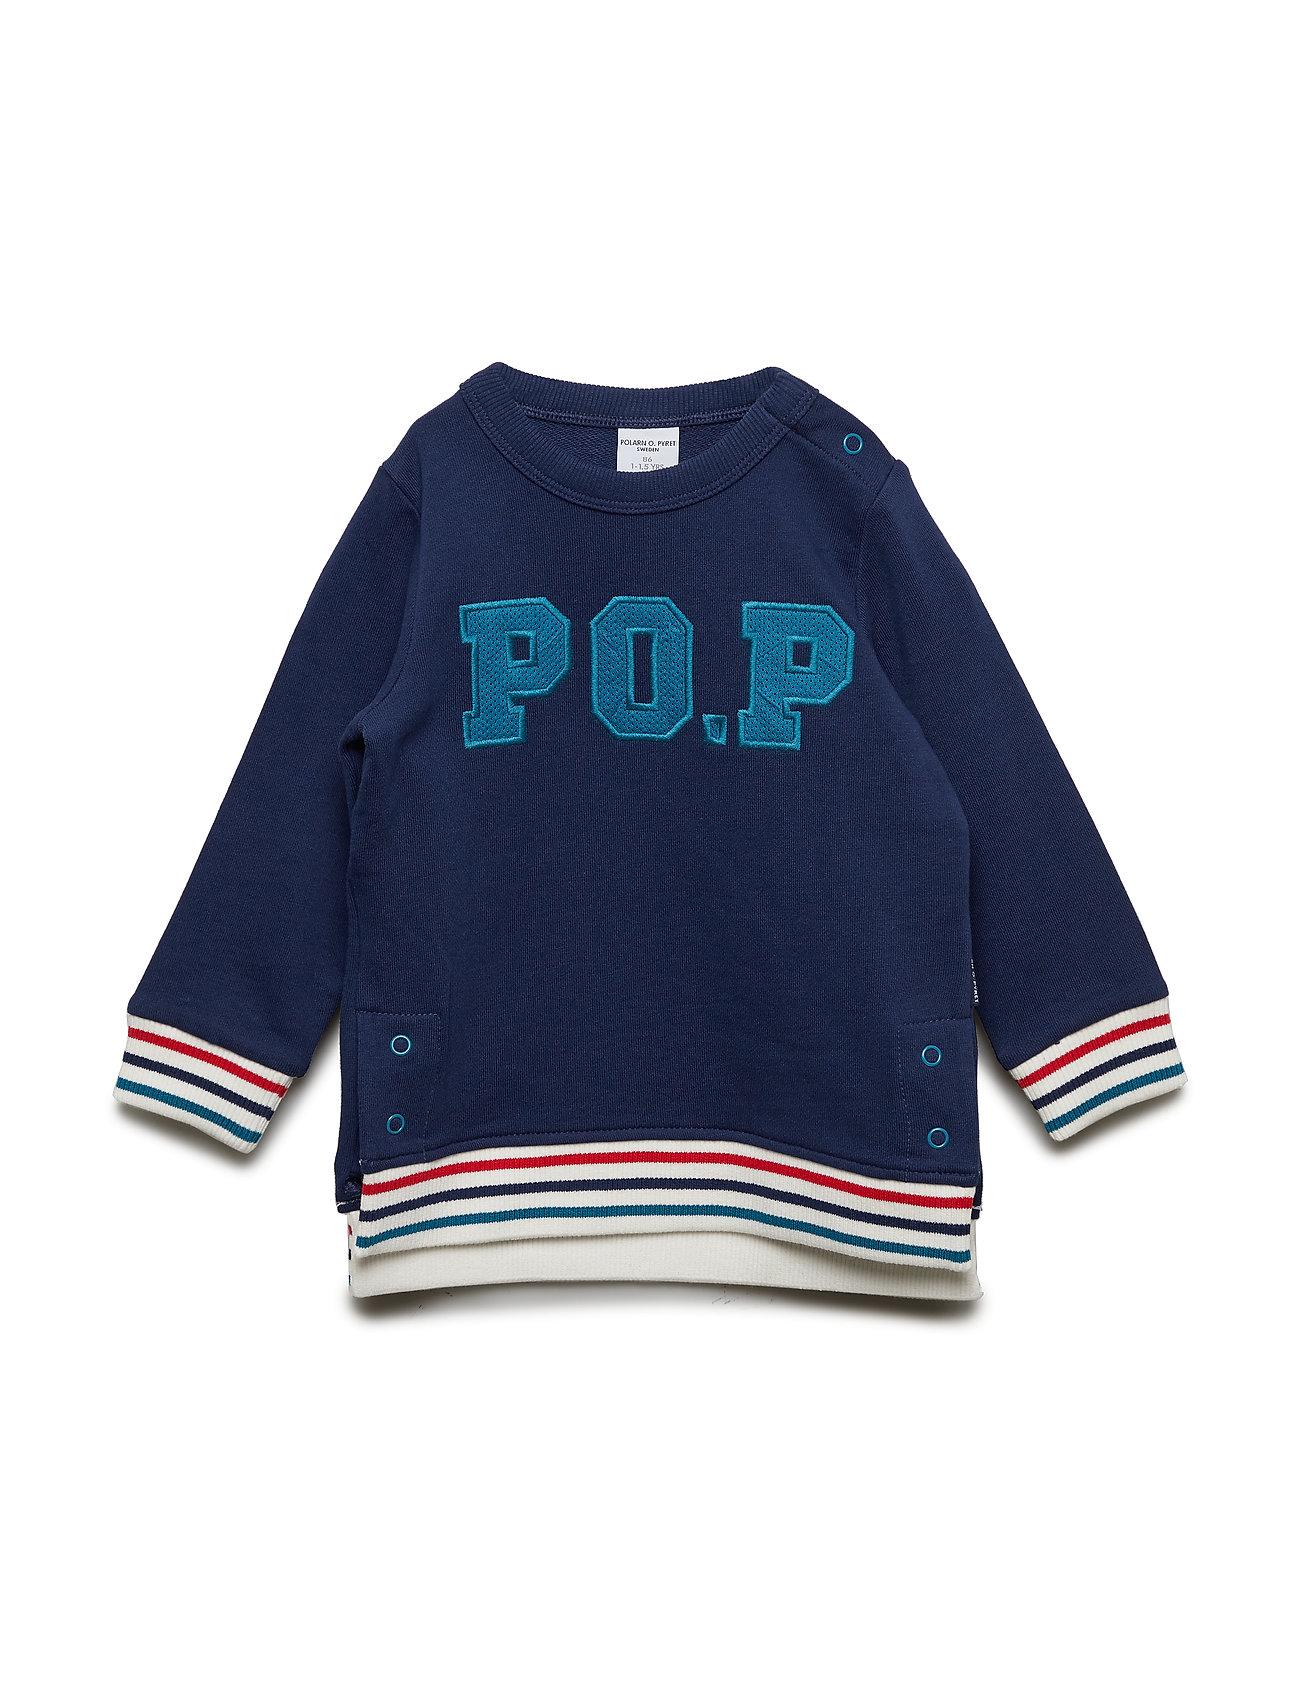 Polarn O. Pyret Sweater W Application Preschool